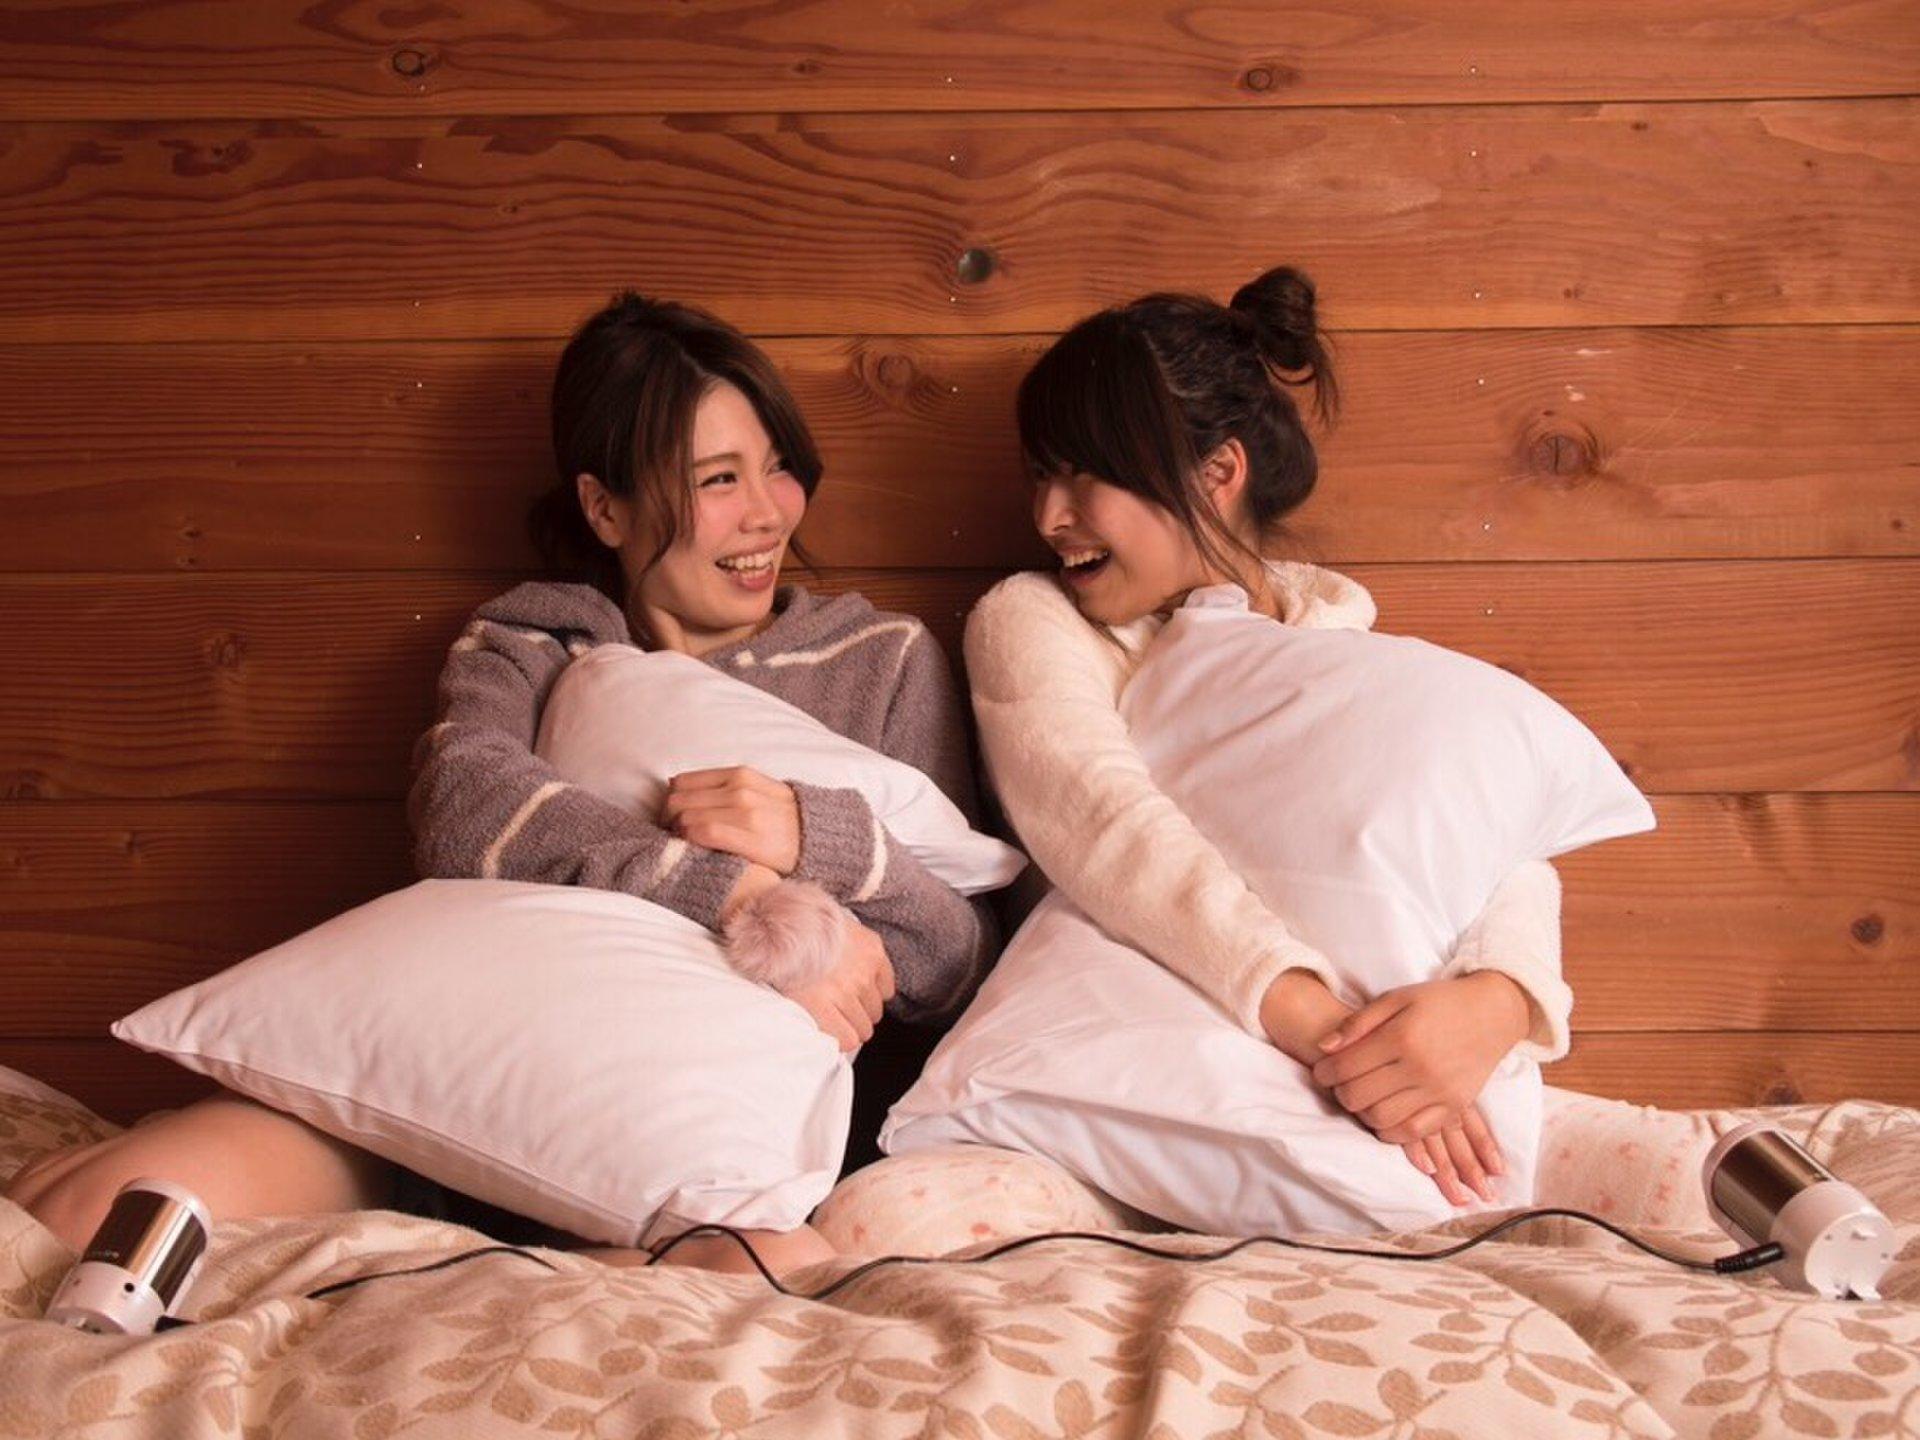 可愛いパジャマとスピーカー必須。スノボ初心者持ってくものリスト!【女子旅in栃木県・ガーラ湯沢】